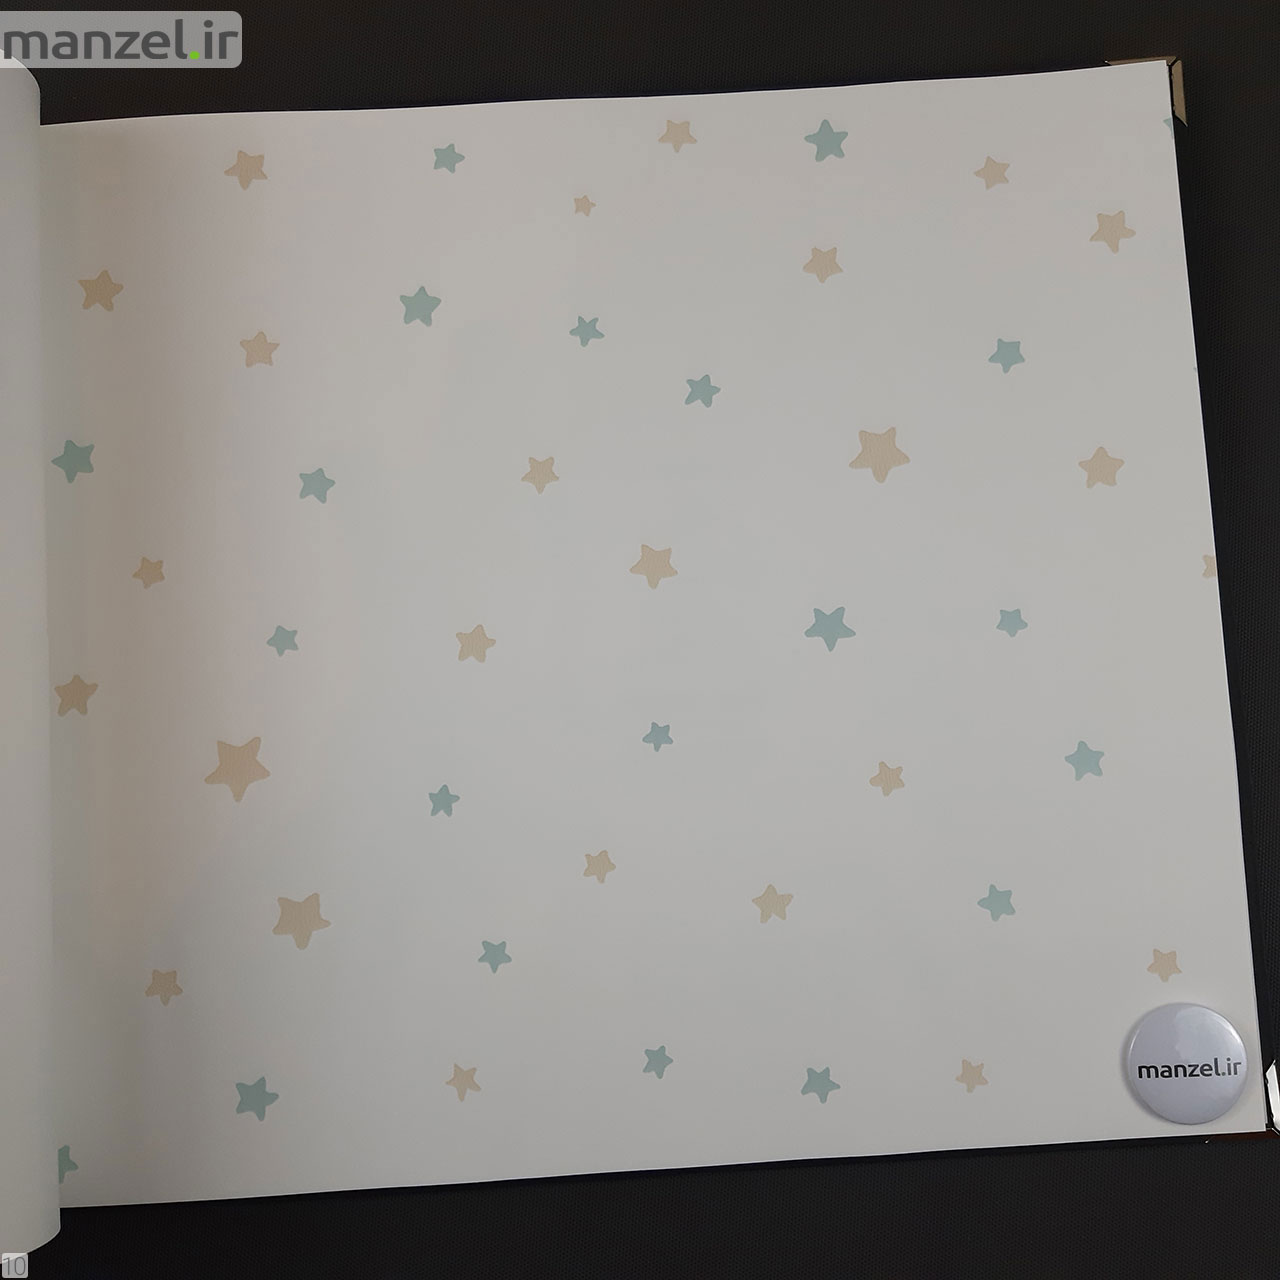 کاغذ دیواری برای اتاق کودک طرح ستاره رنگ روشن